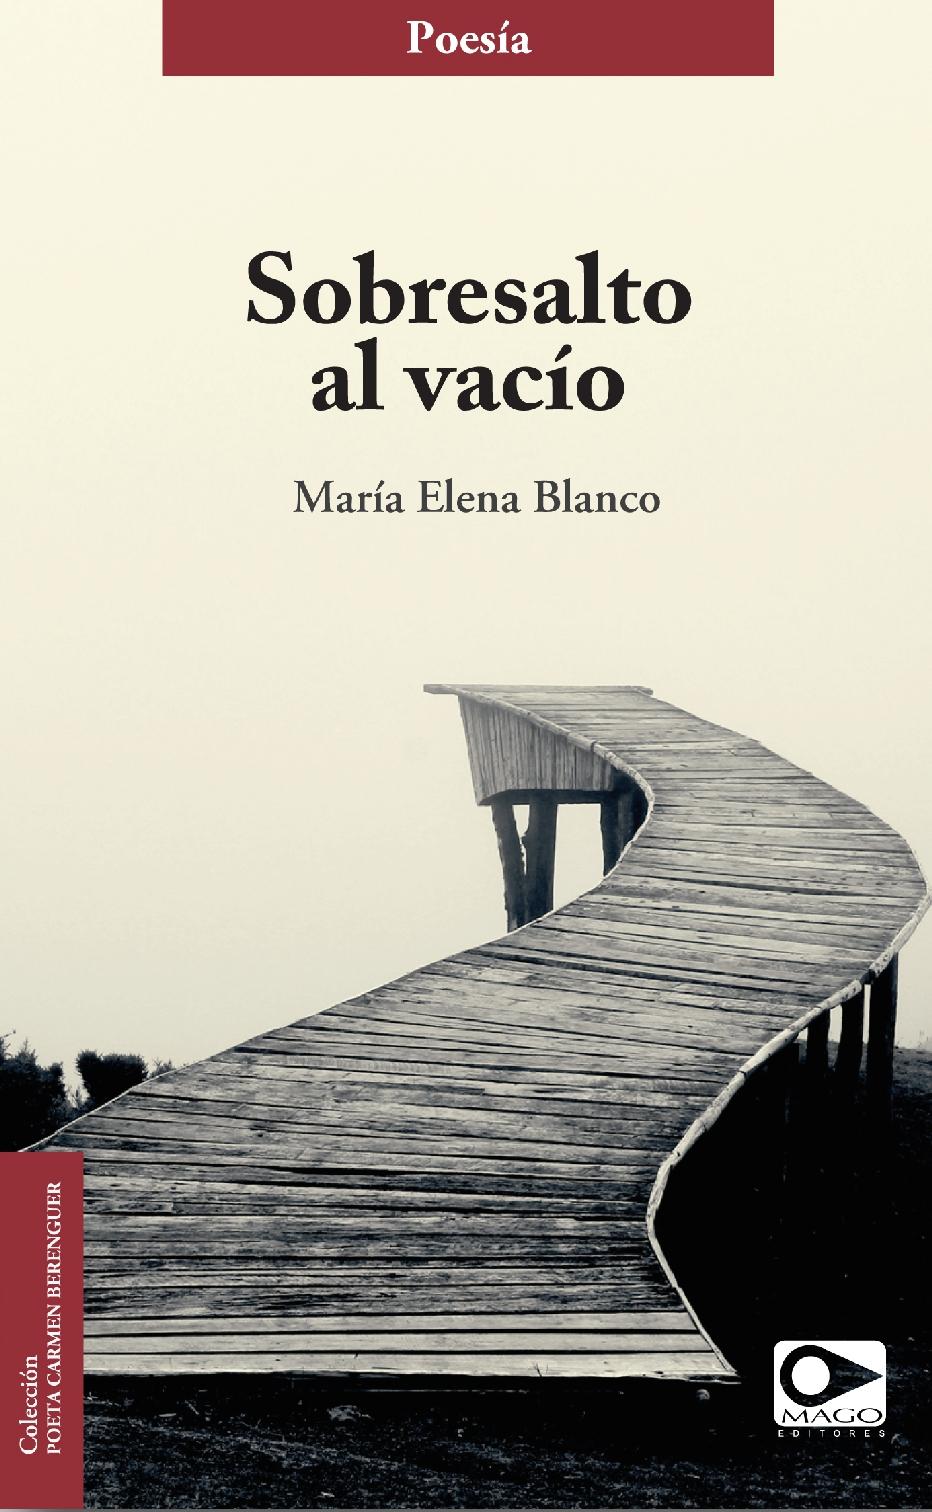 Sobresalto al vacío (Mago Editores, Santiago de Chile, 2015)